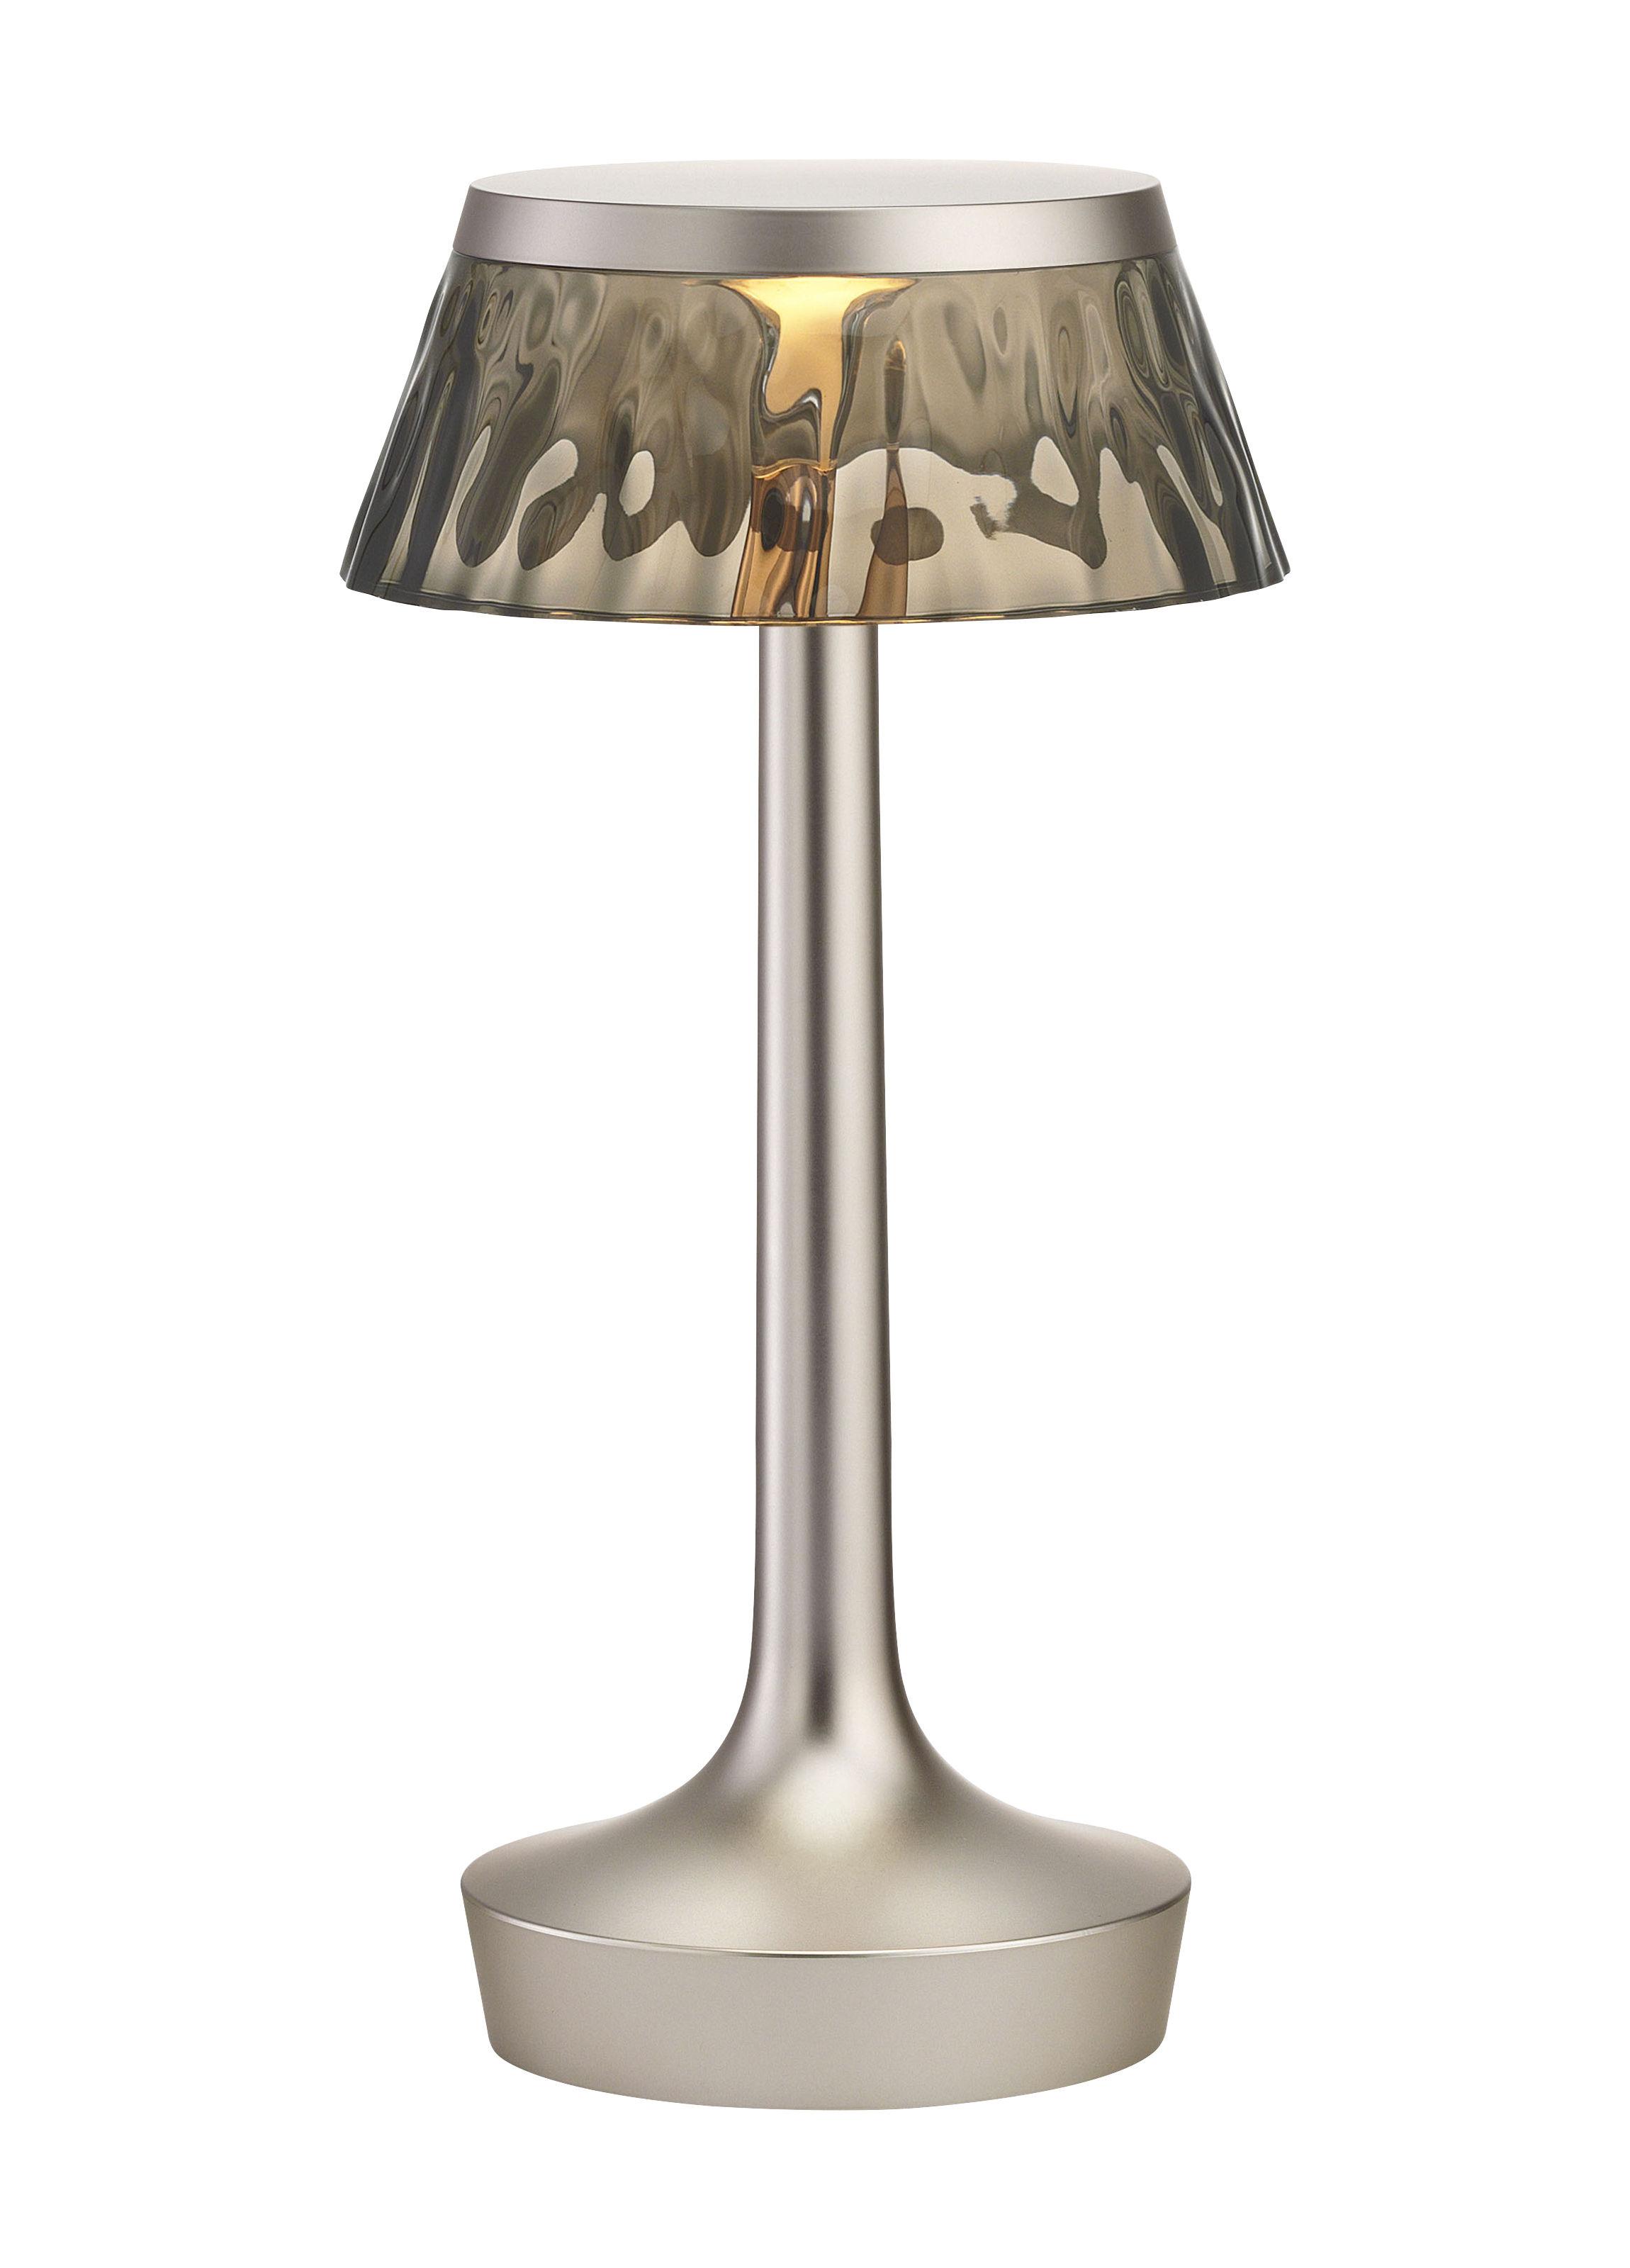 lampe ohne kabel bon jour unplugged von flos grau made. Black Bedroom Furniture Sets. Home Design Ideas